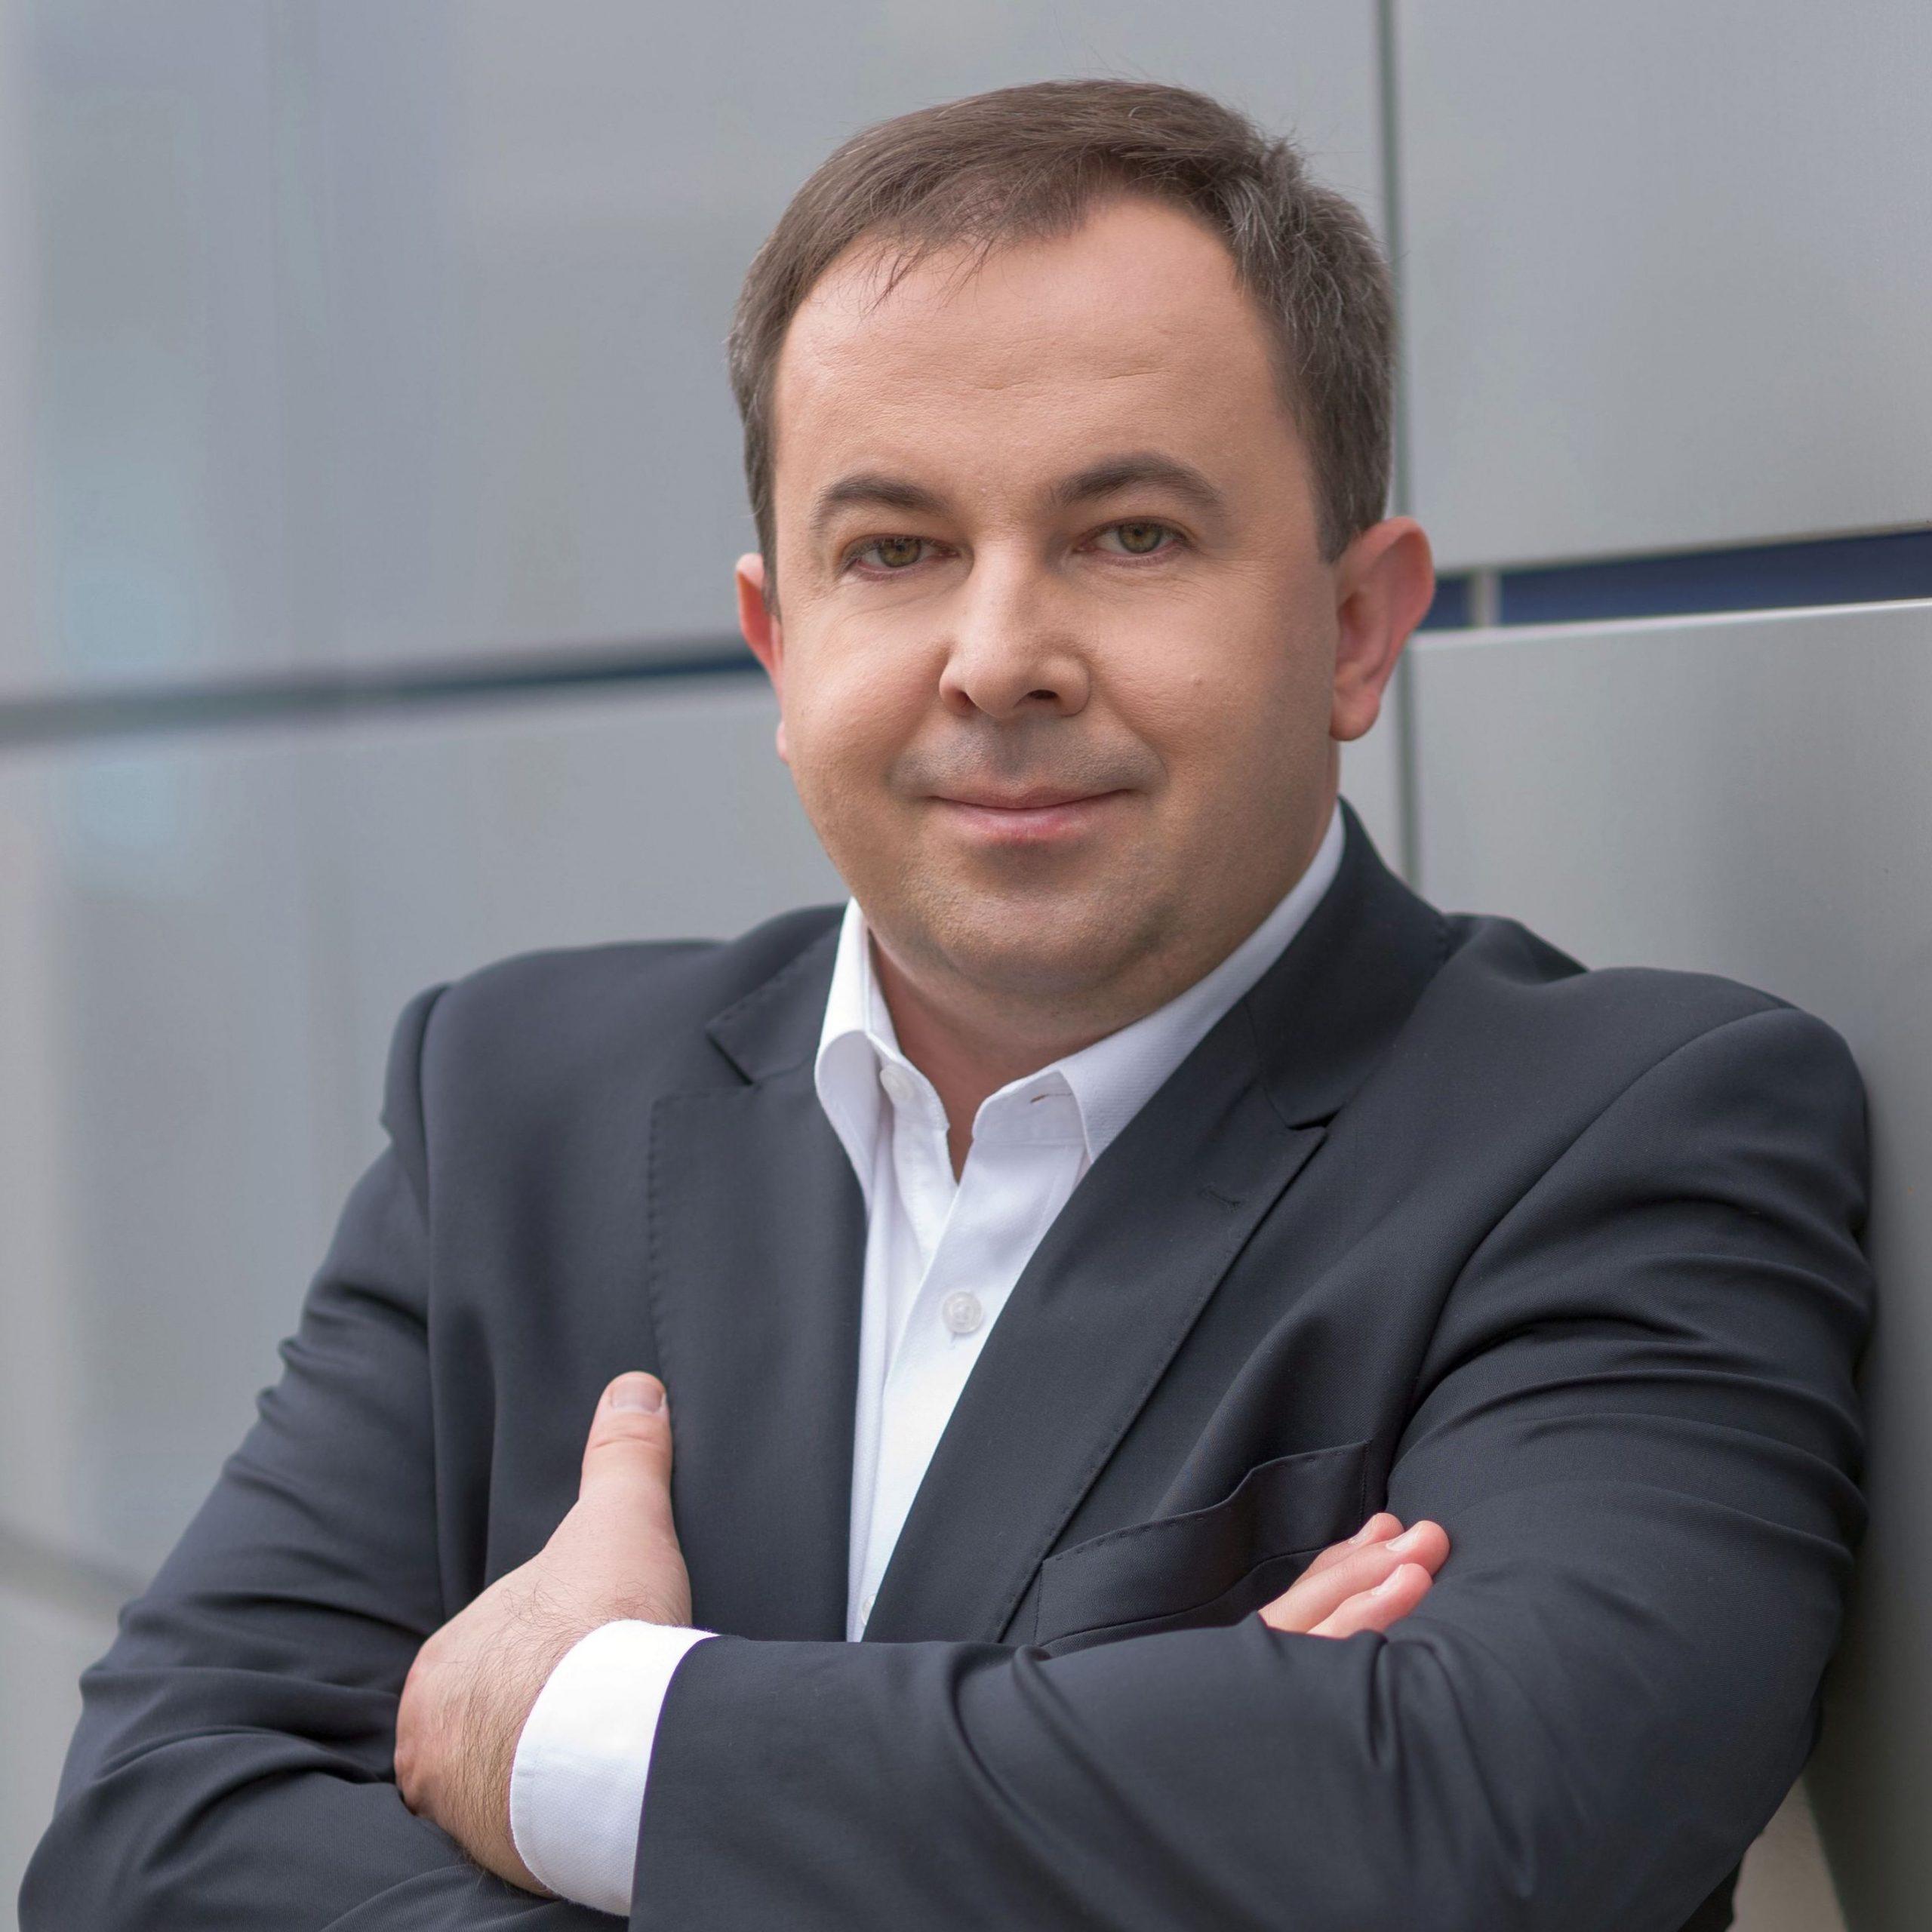 Marcin Ślęzak